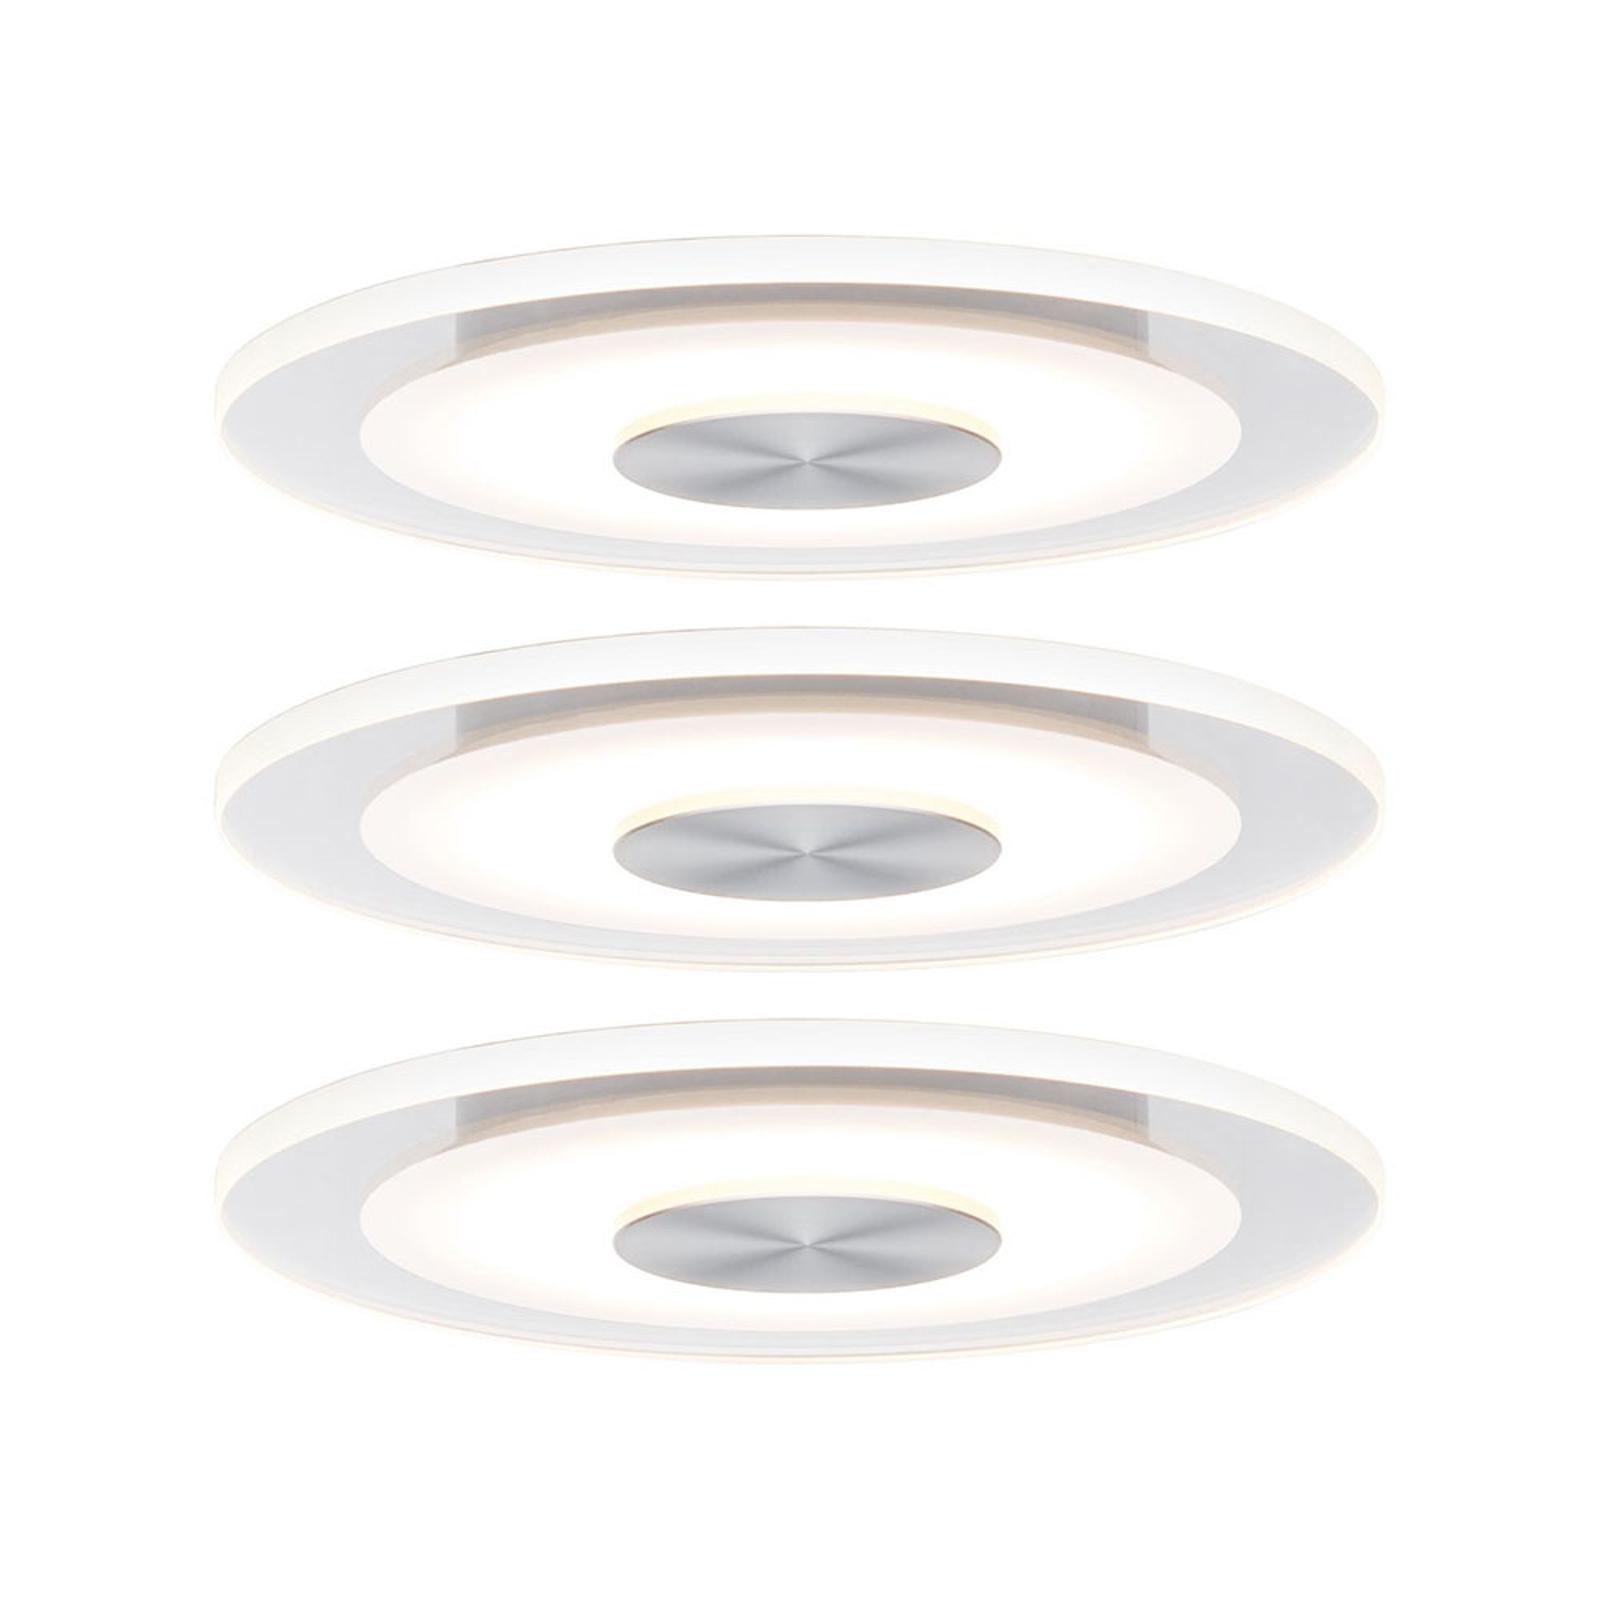 Paulmann Whirl LED-Einbauleuchte, 3er-Set, rund